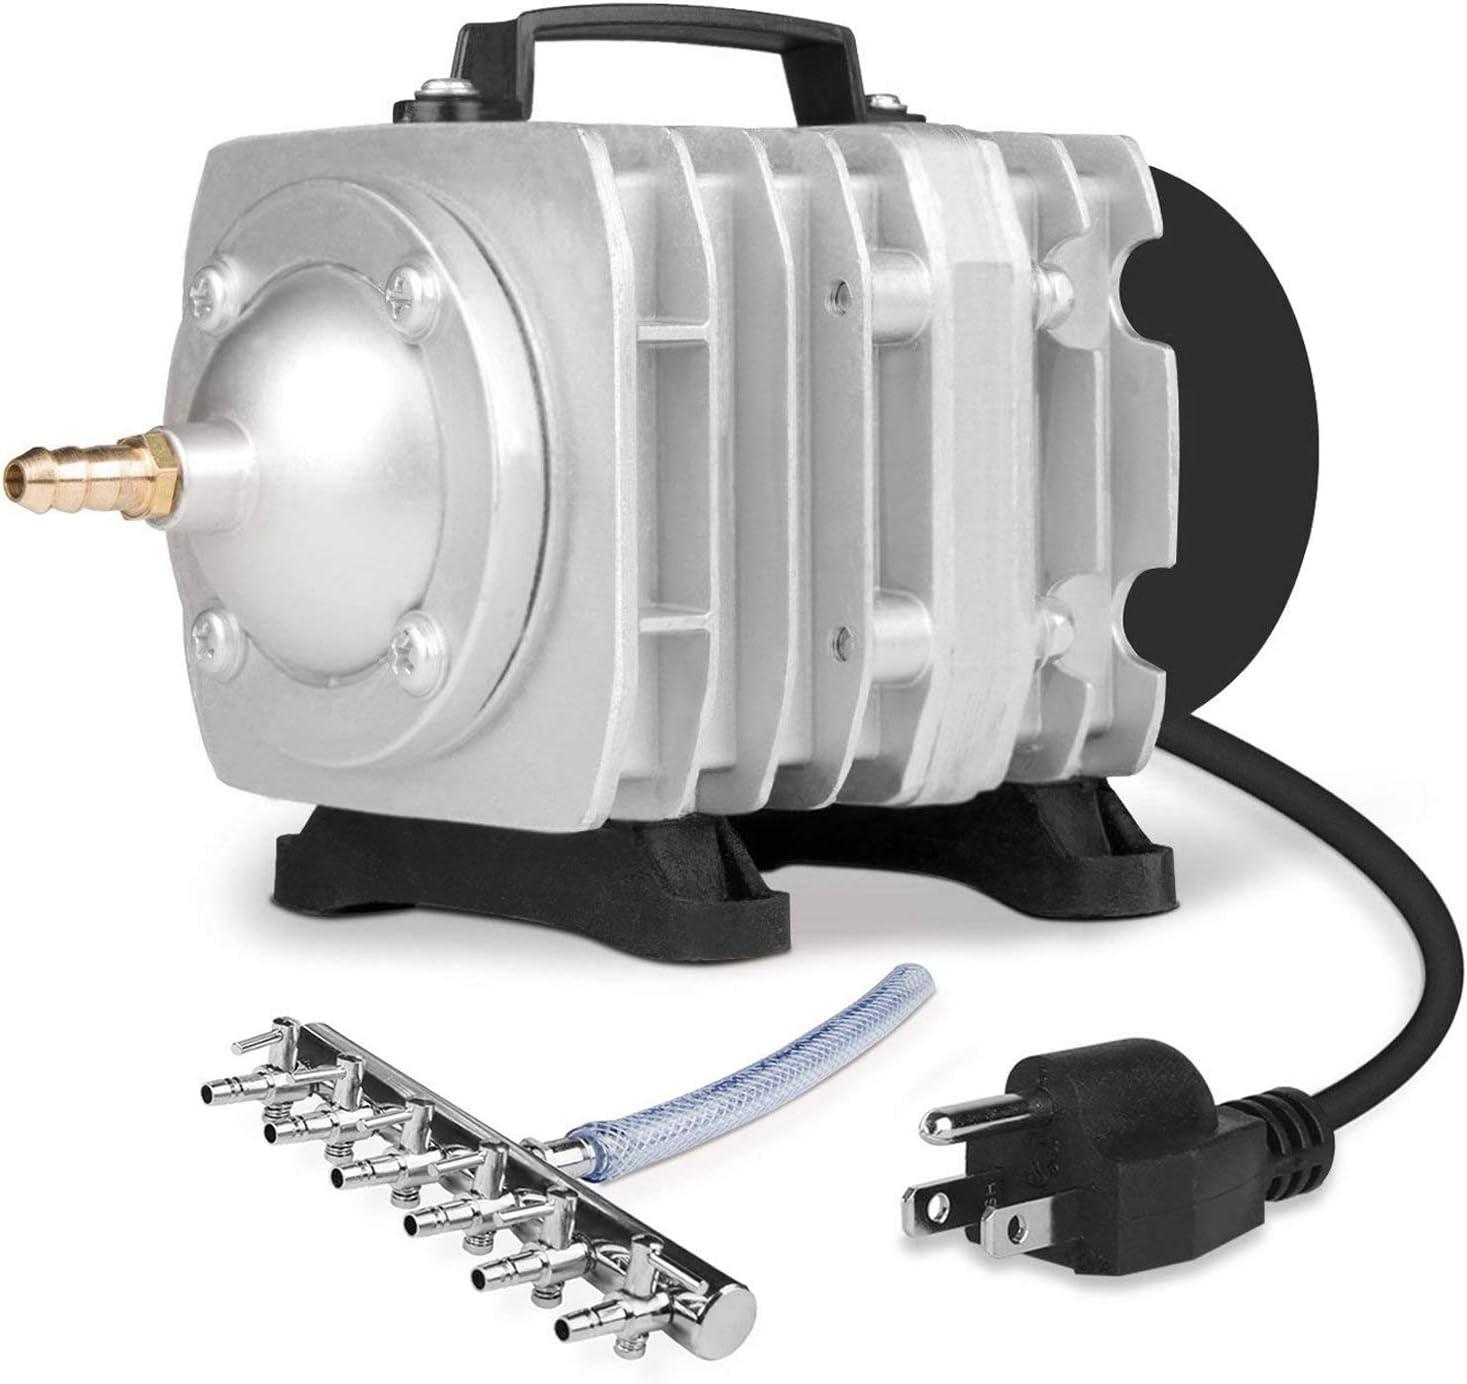 VIVOSUN Commercial Air Pump for Aquarium Circulation Pumps